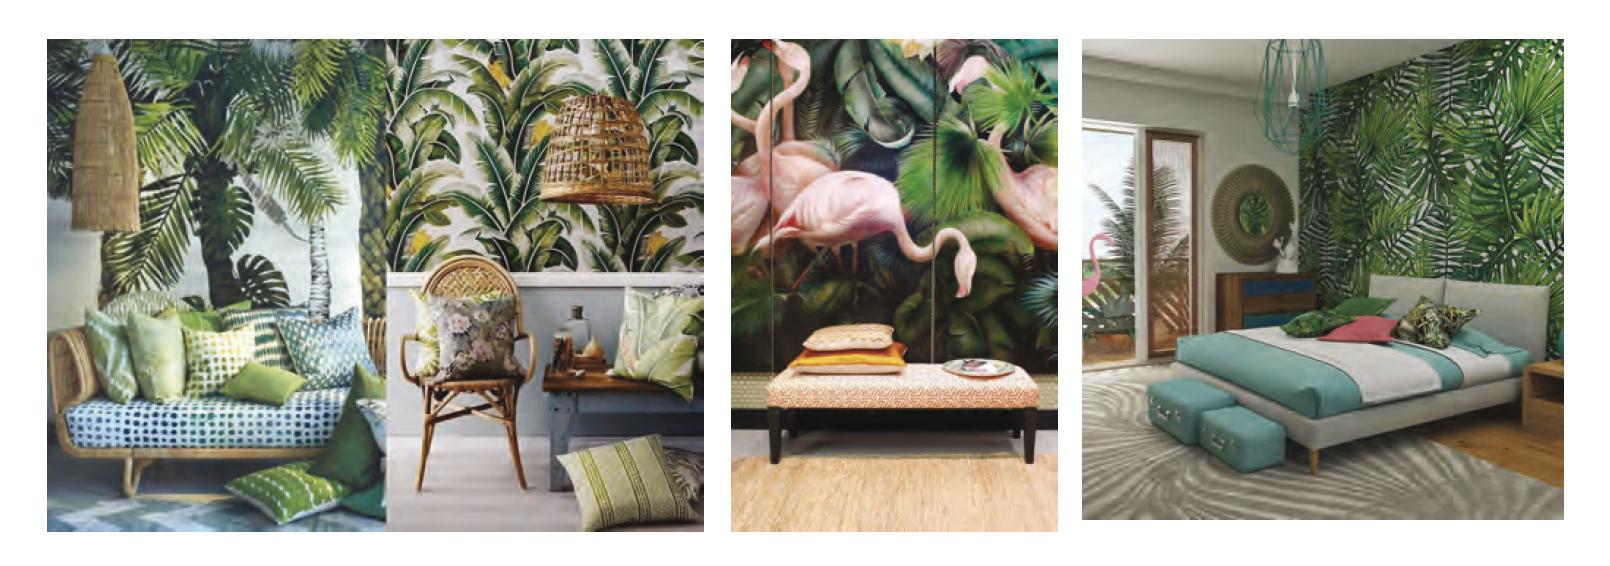 La Decoration Exotique Un Voyage Dans Votre Interieur